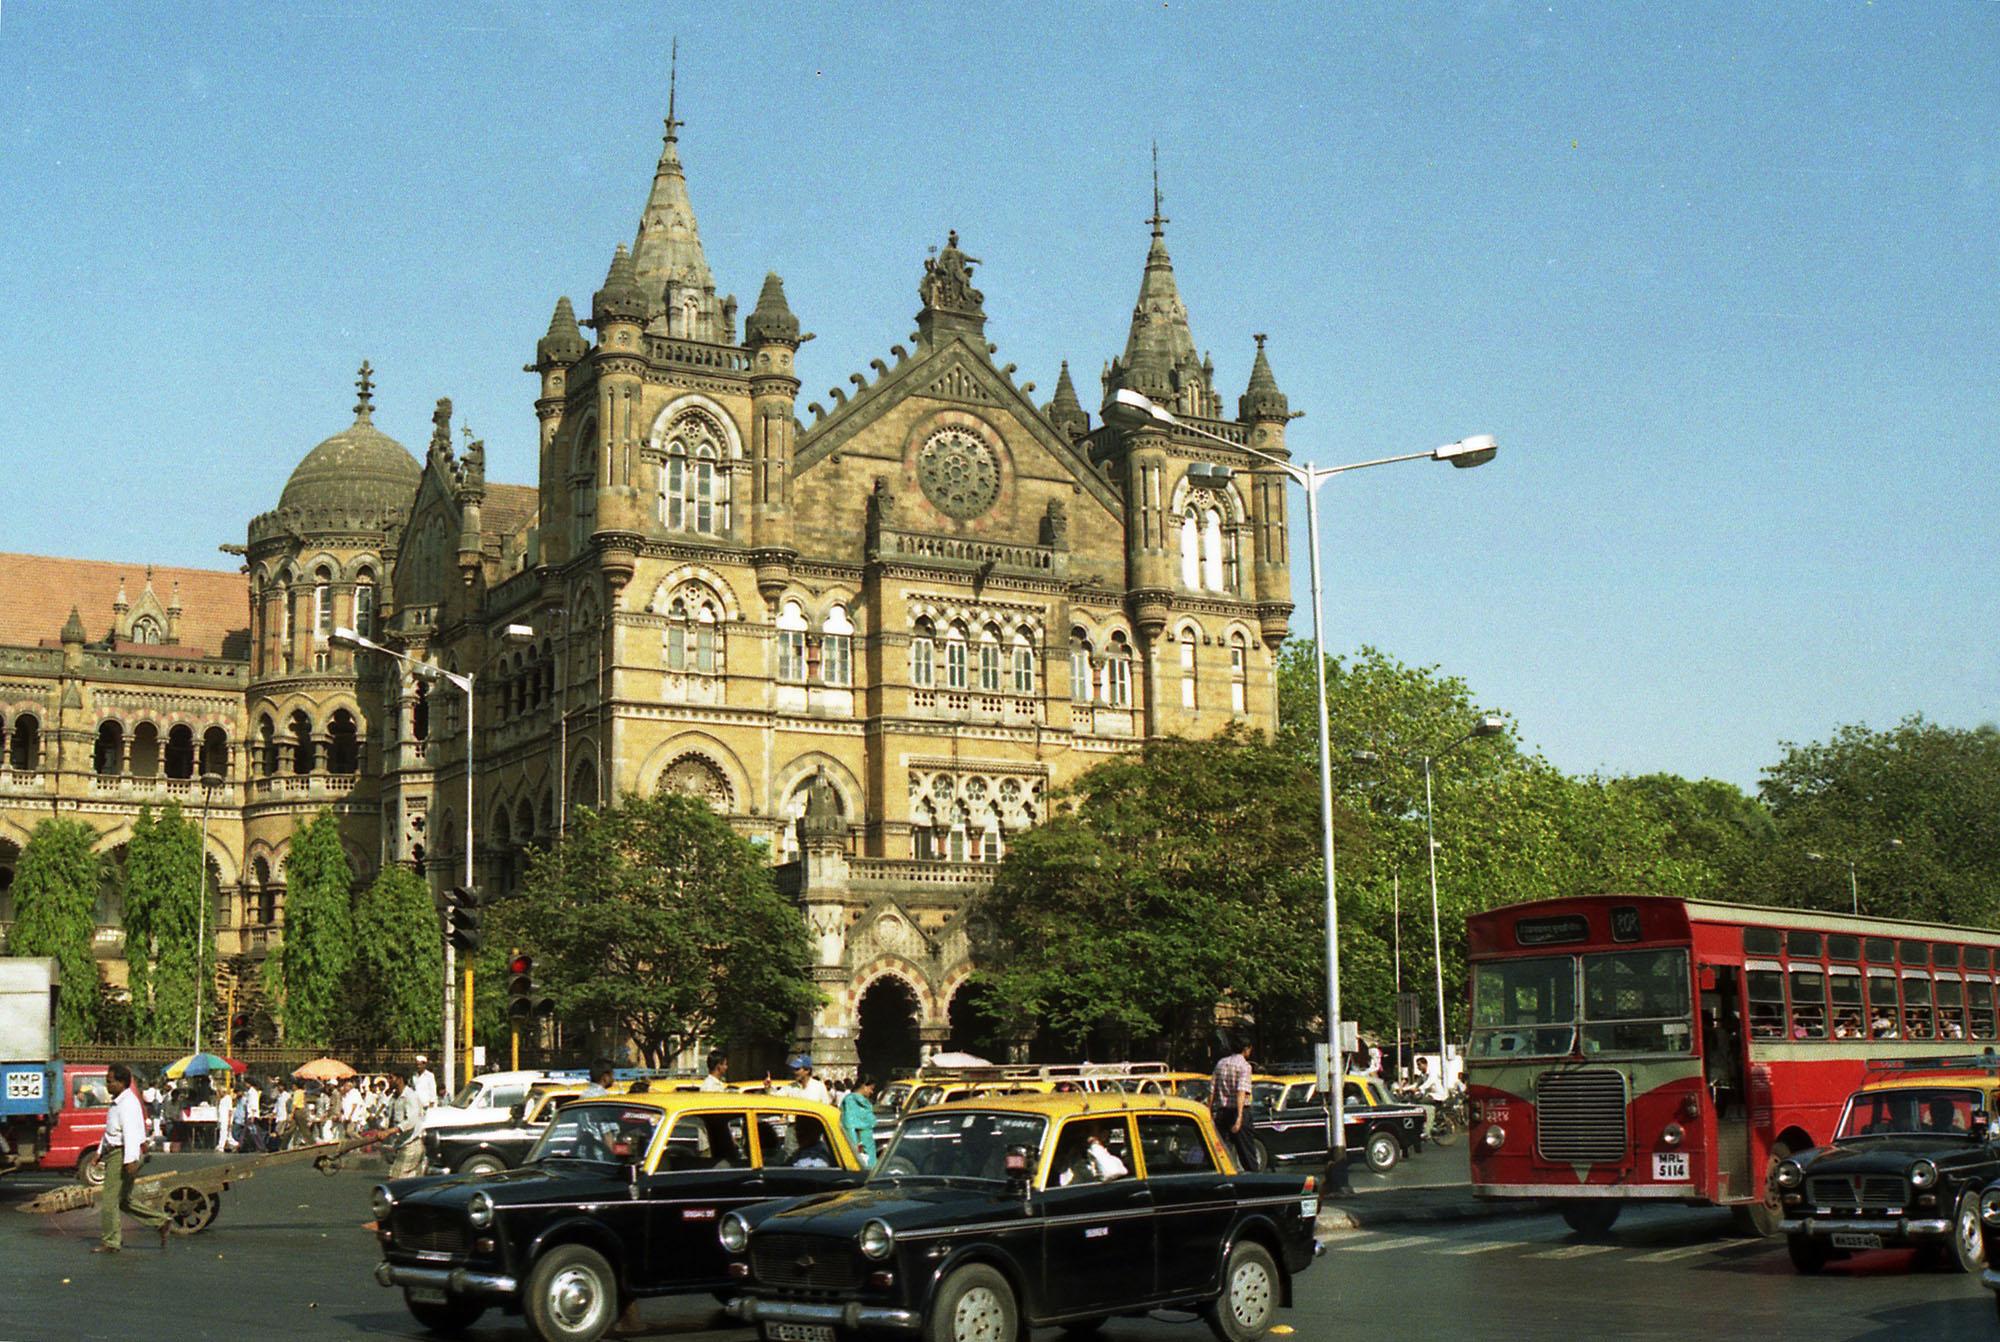 1998 Bombay Правая часть здания терминала Виктория в Мумбае